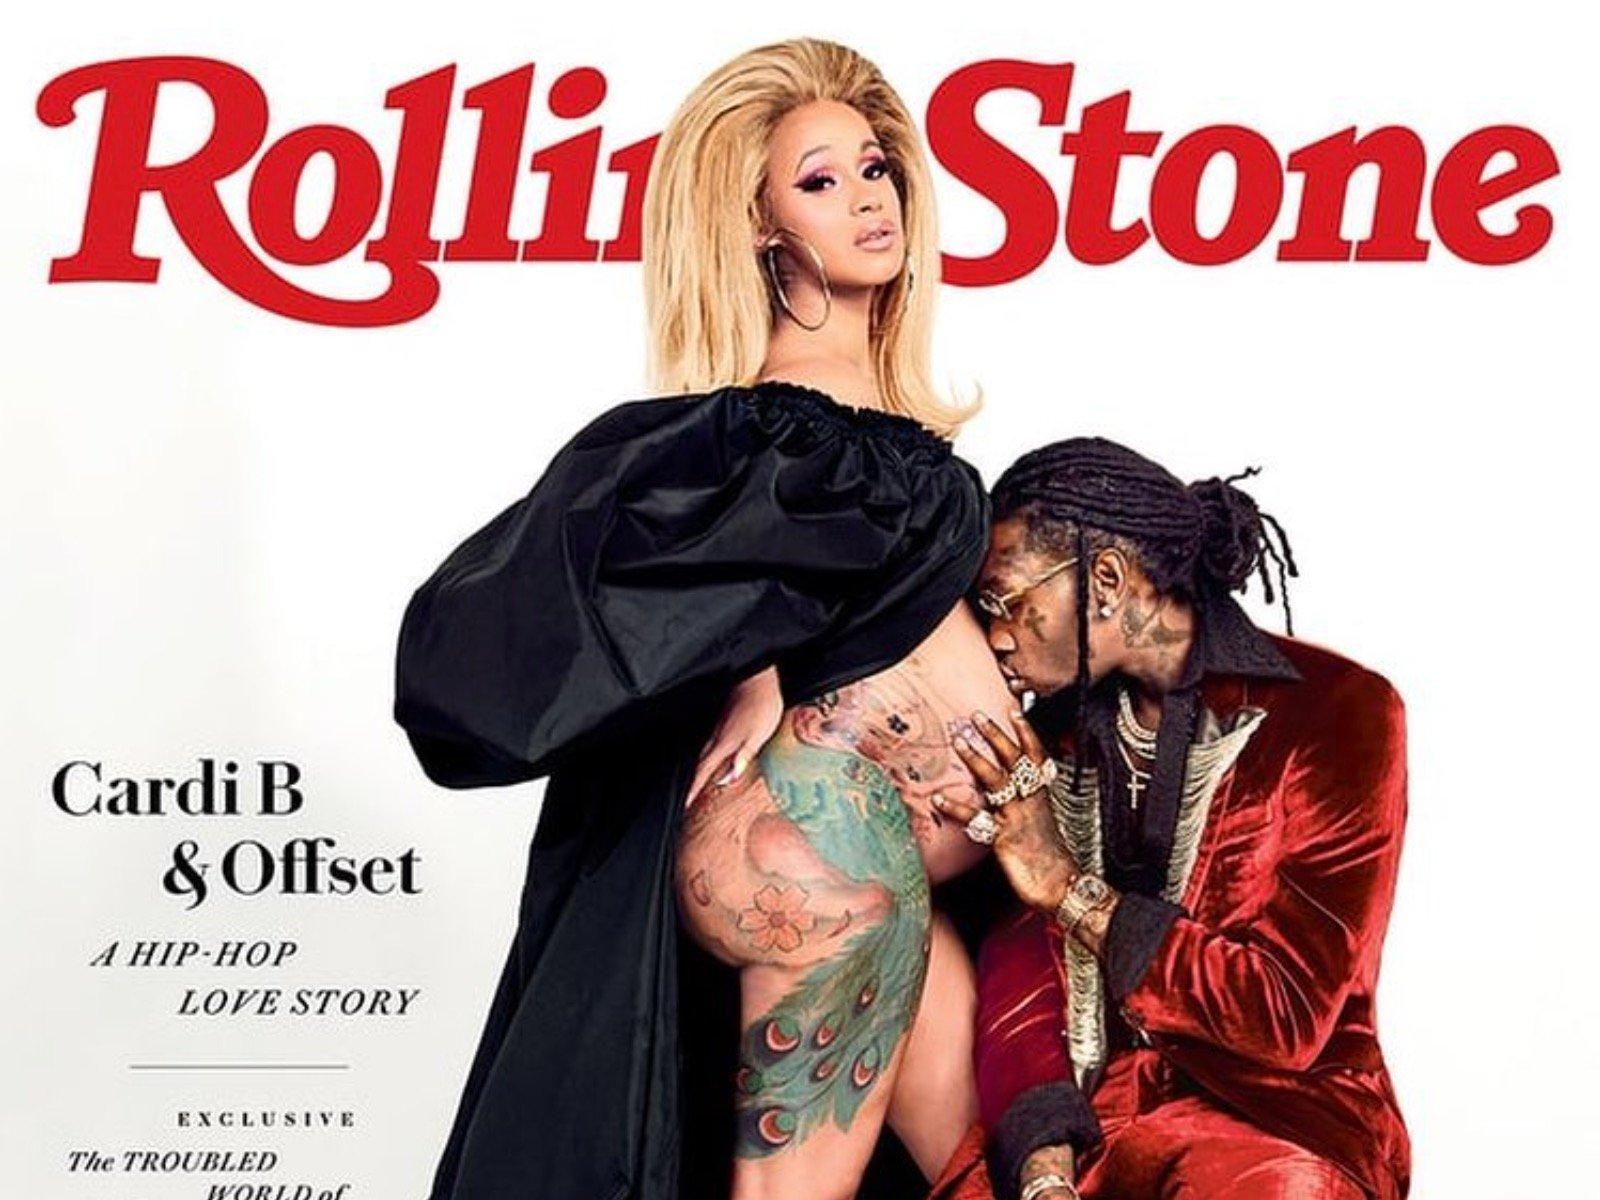 Rolling Stone Cardi B